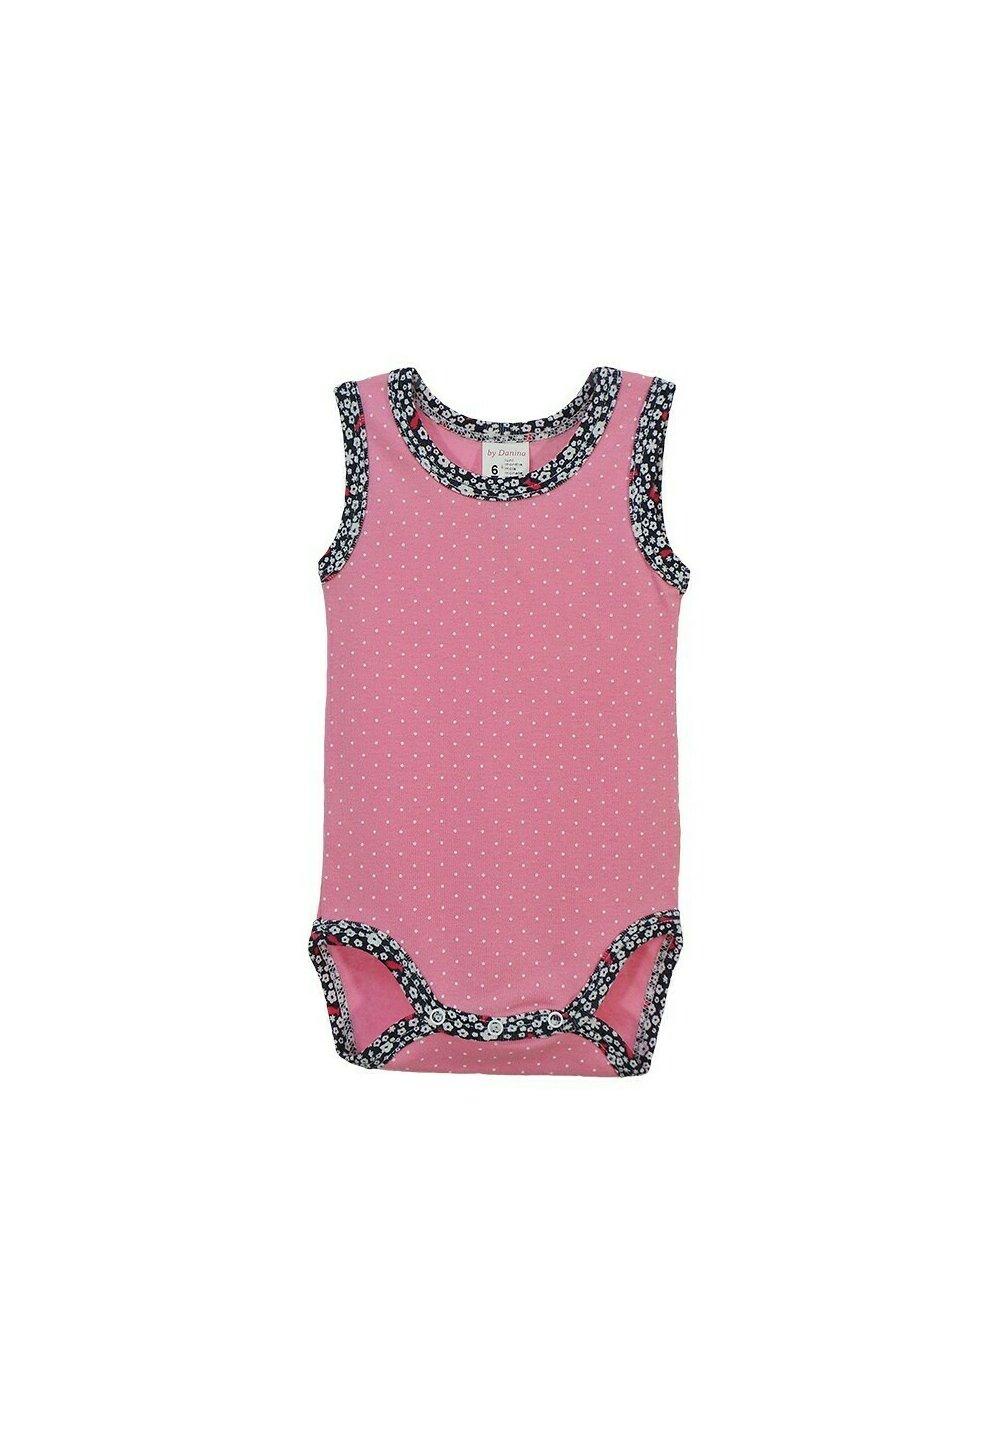 Body maieu, roz cu buline marunte albe imagine